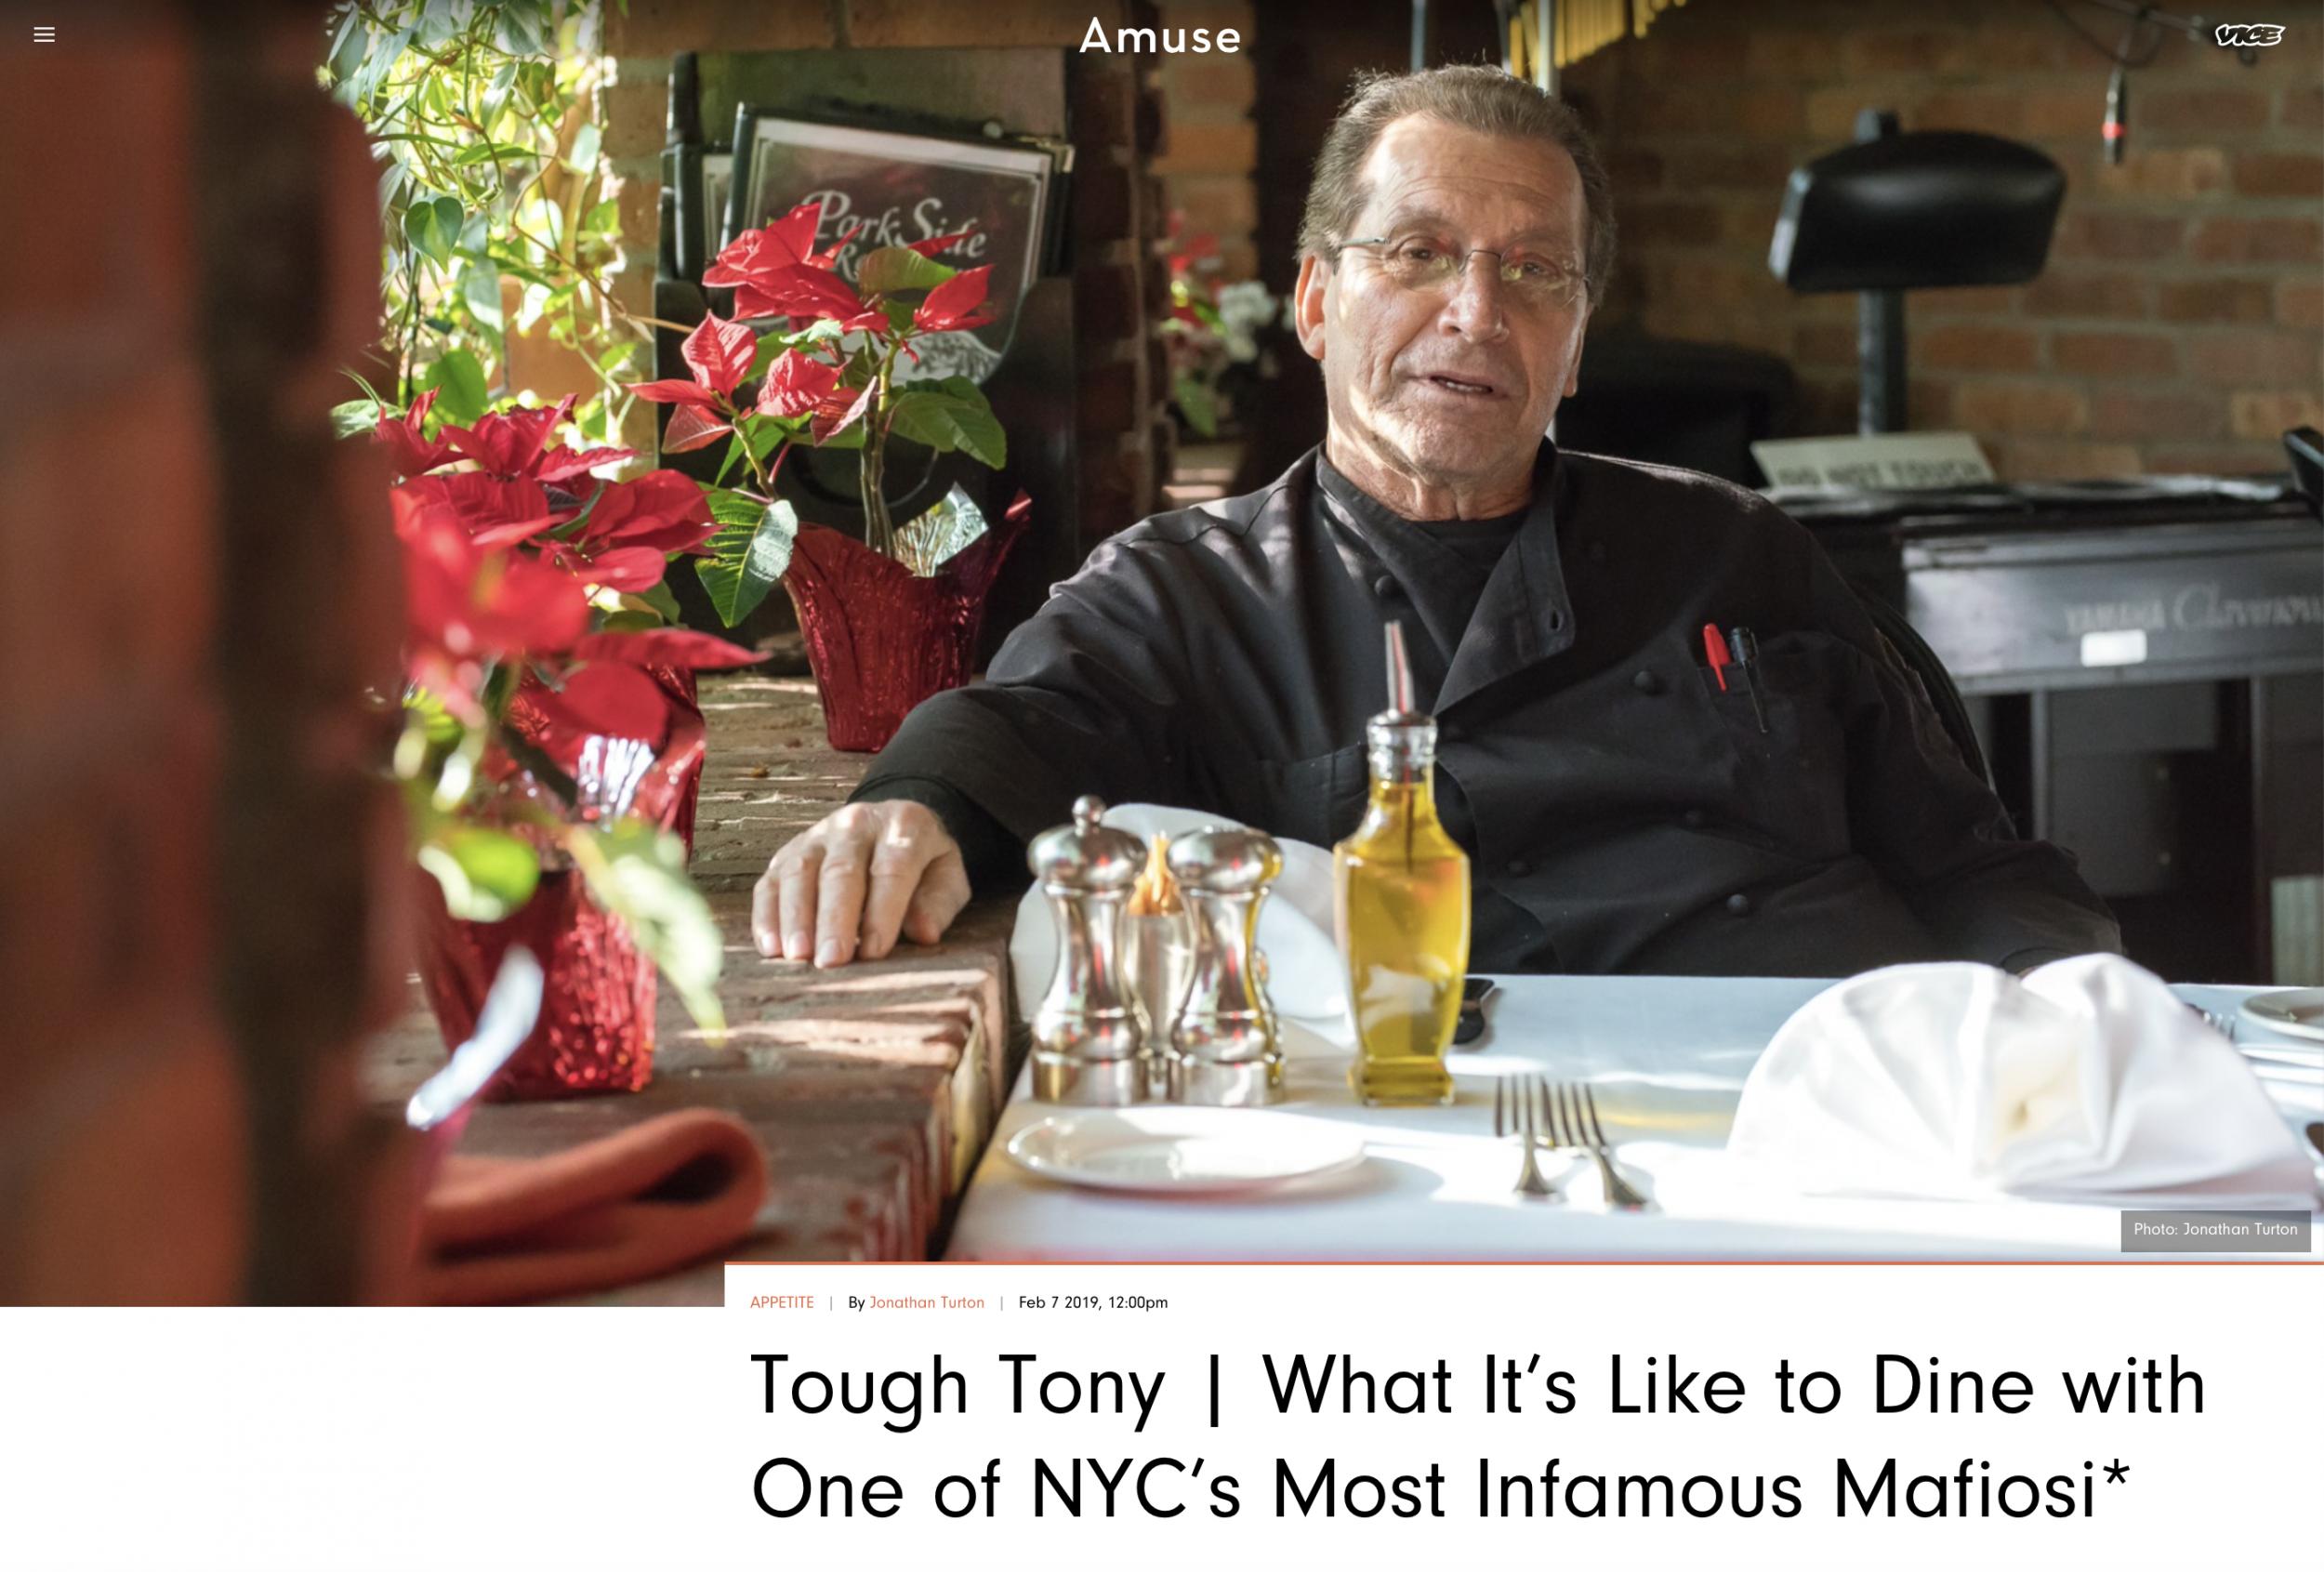 Vice: Tough Tony